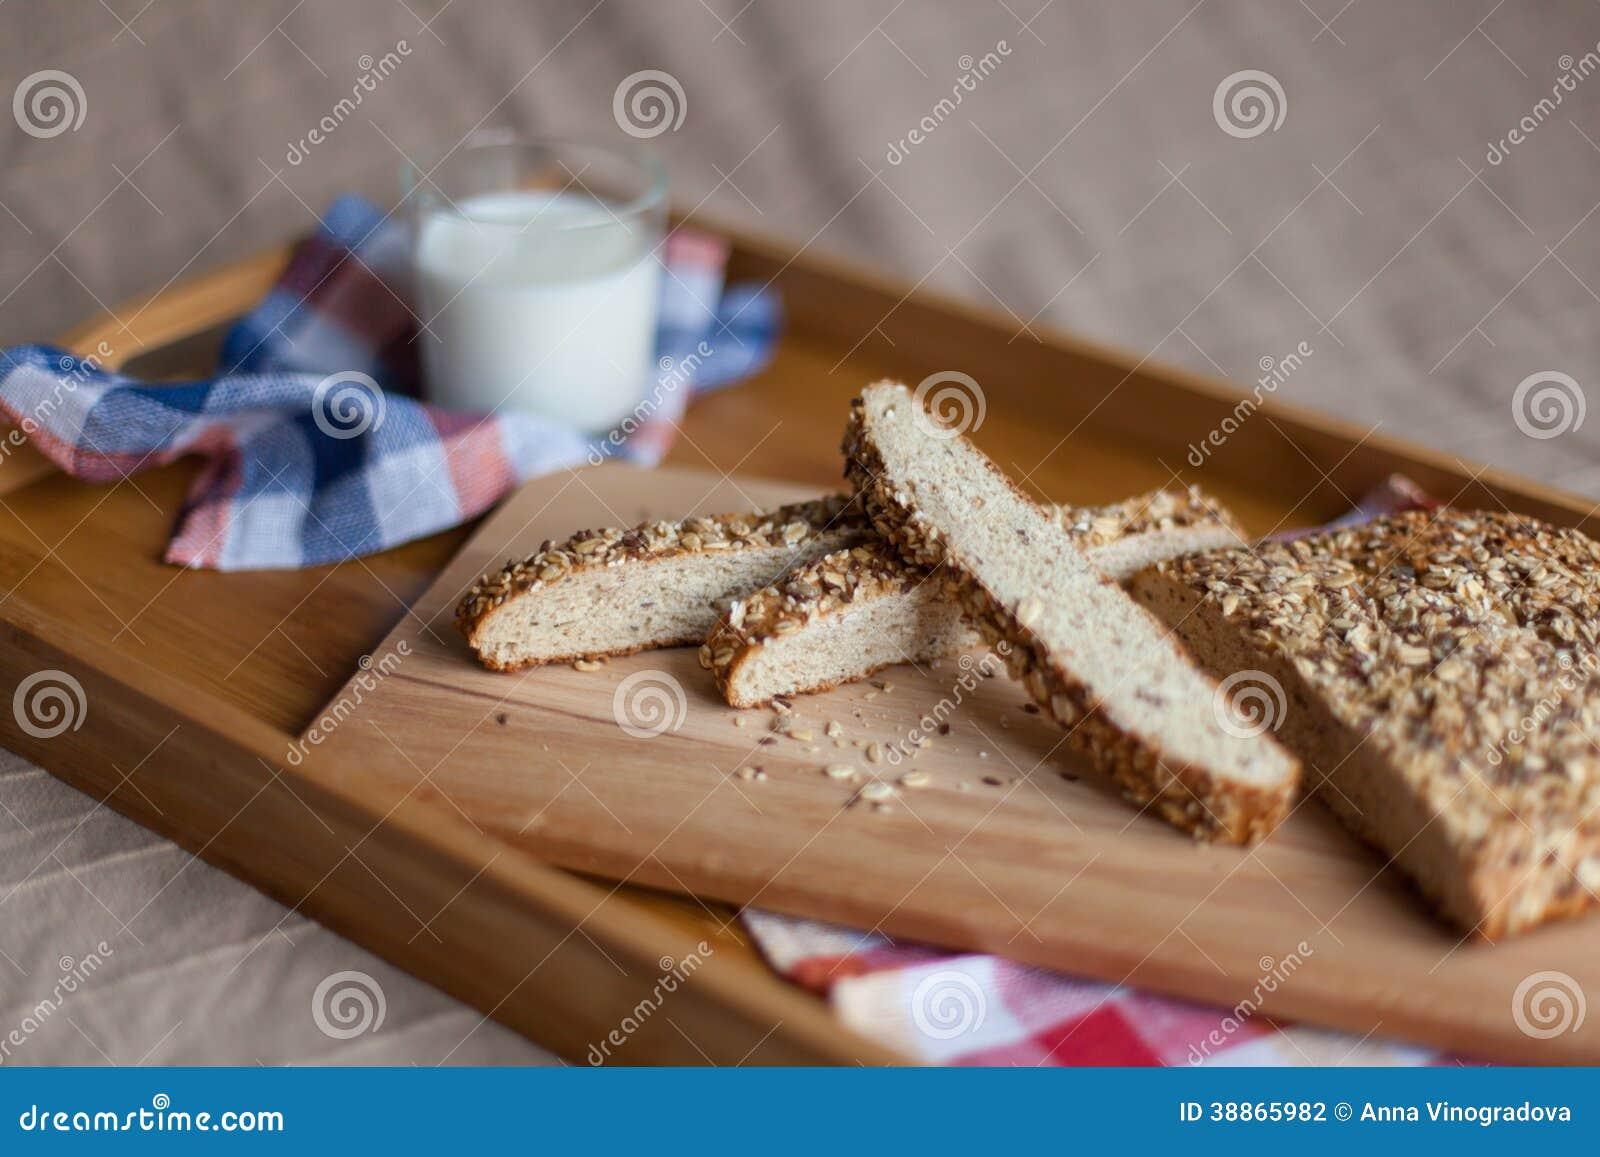 Desayuno que consiste en el pan y la leche